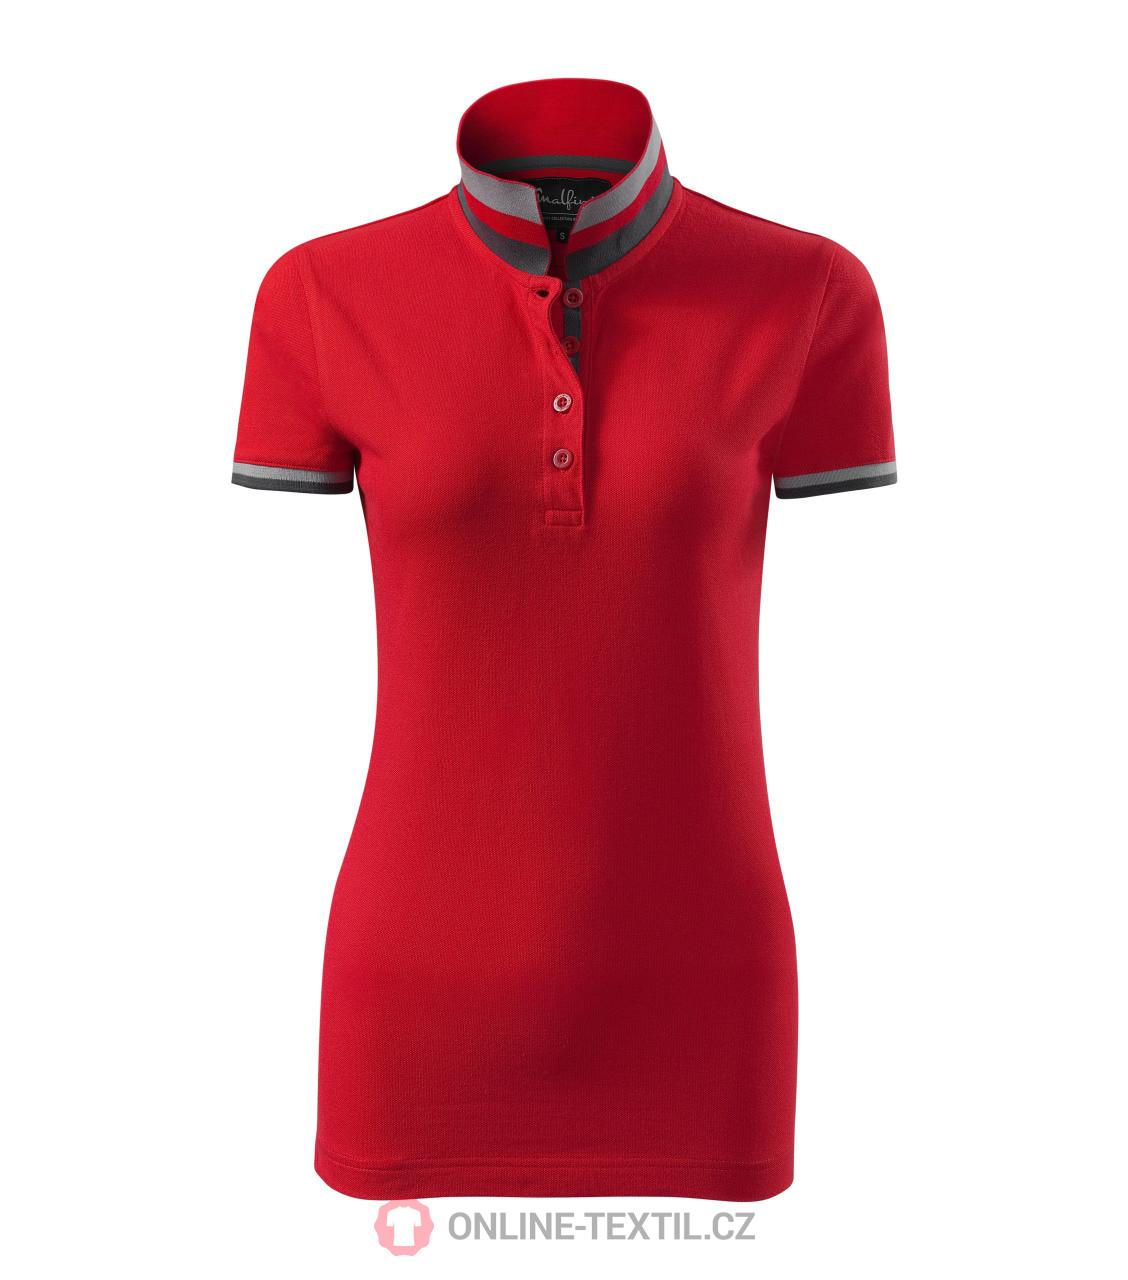 623e13d30a3 ADLER CZECH Premium heavyweight ladies polo shirt Collar Up 257 ...